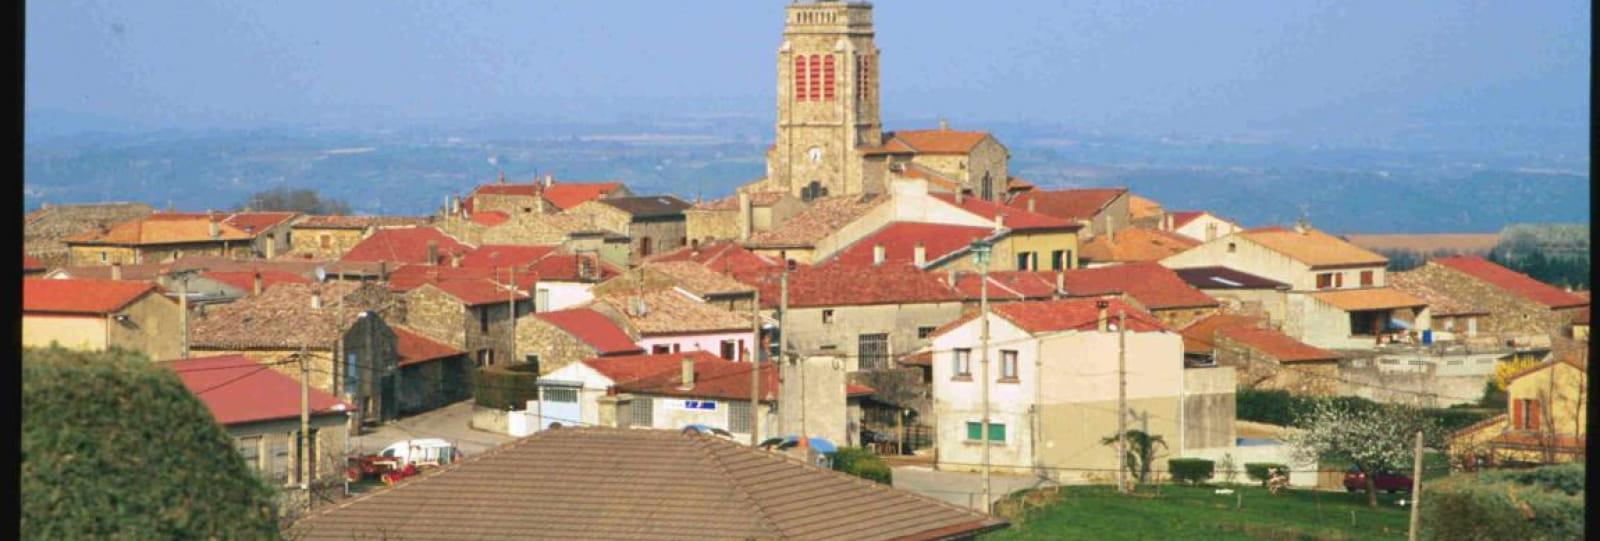 Village d'Eclassan